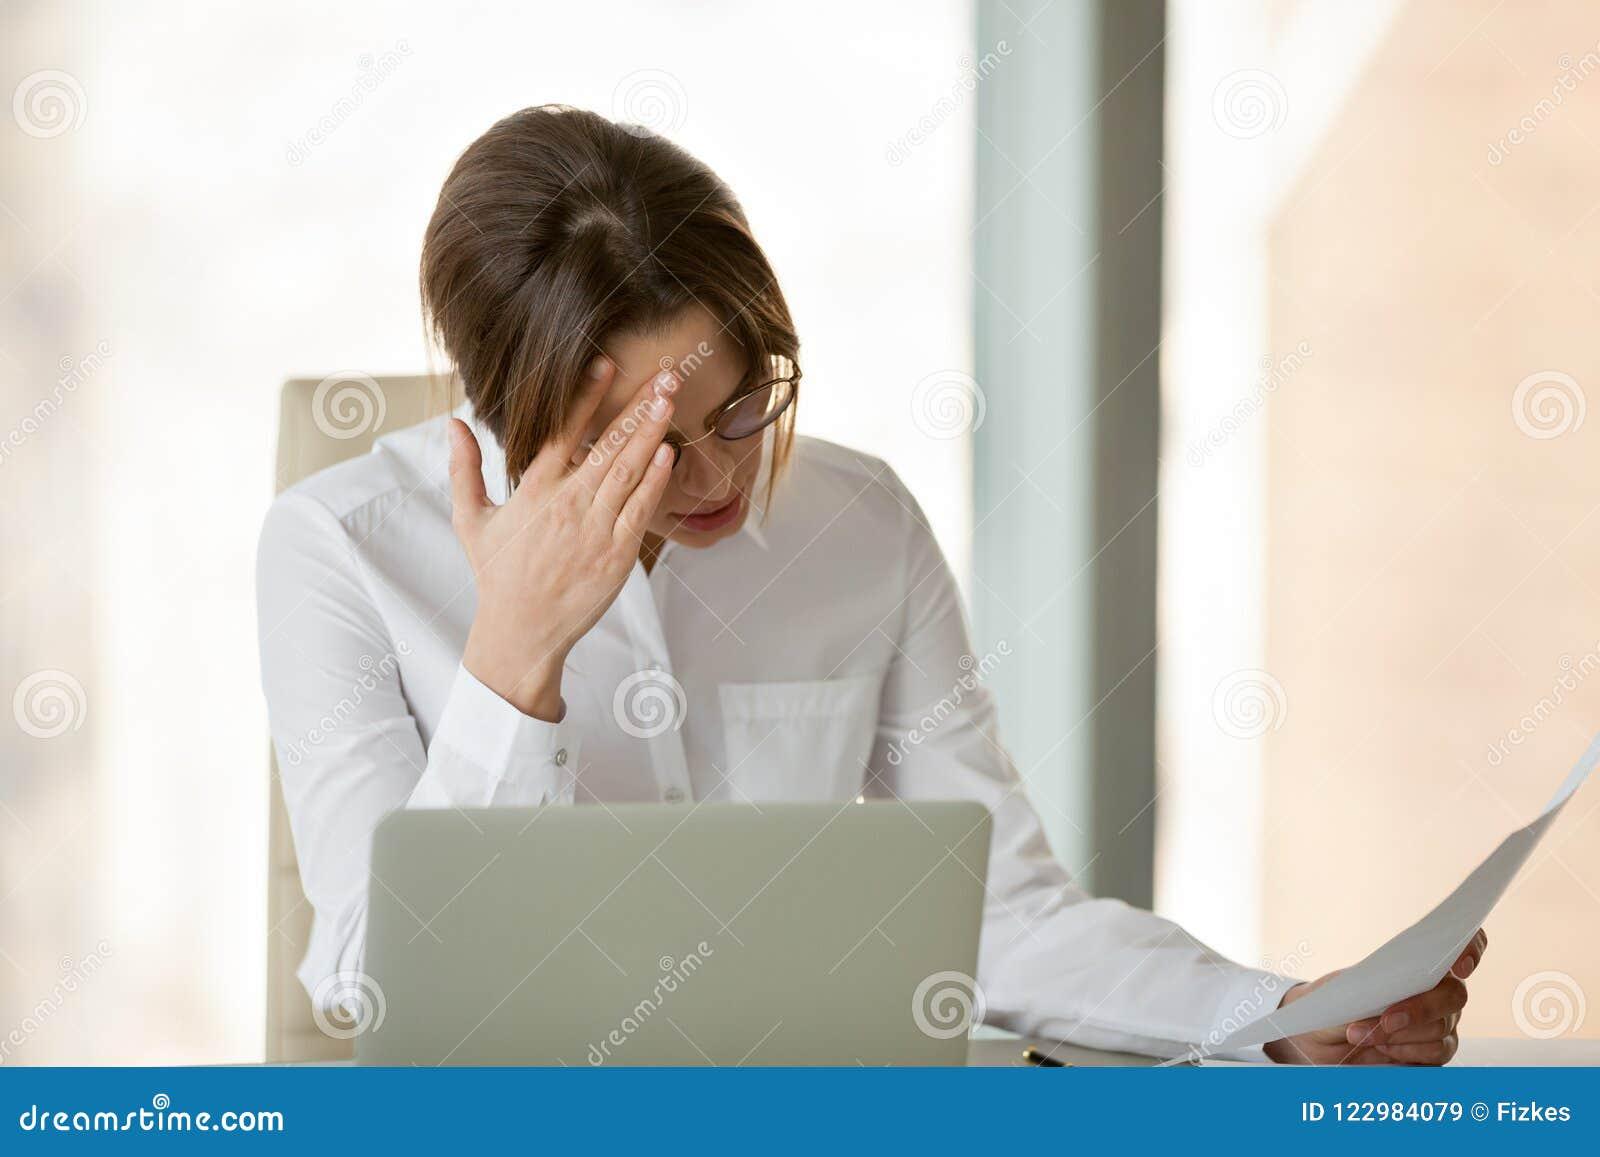 对公司事务失望的沮丧的女性雇主fa